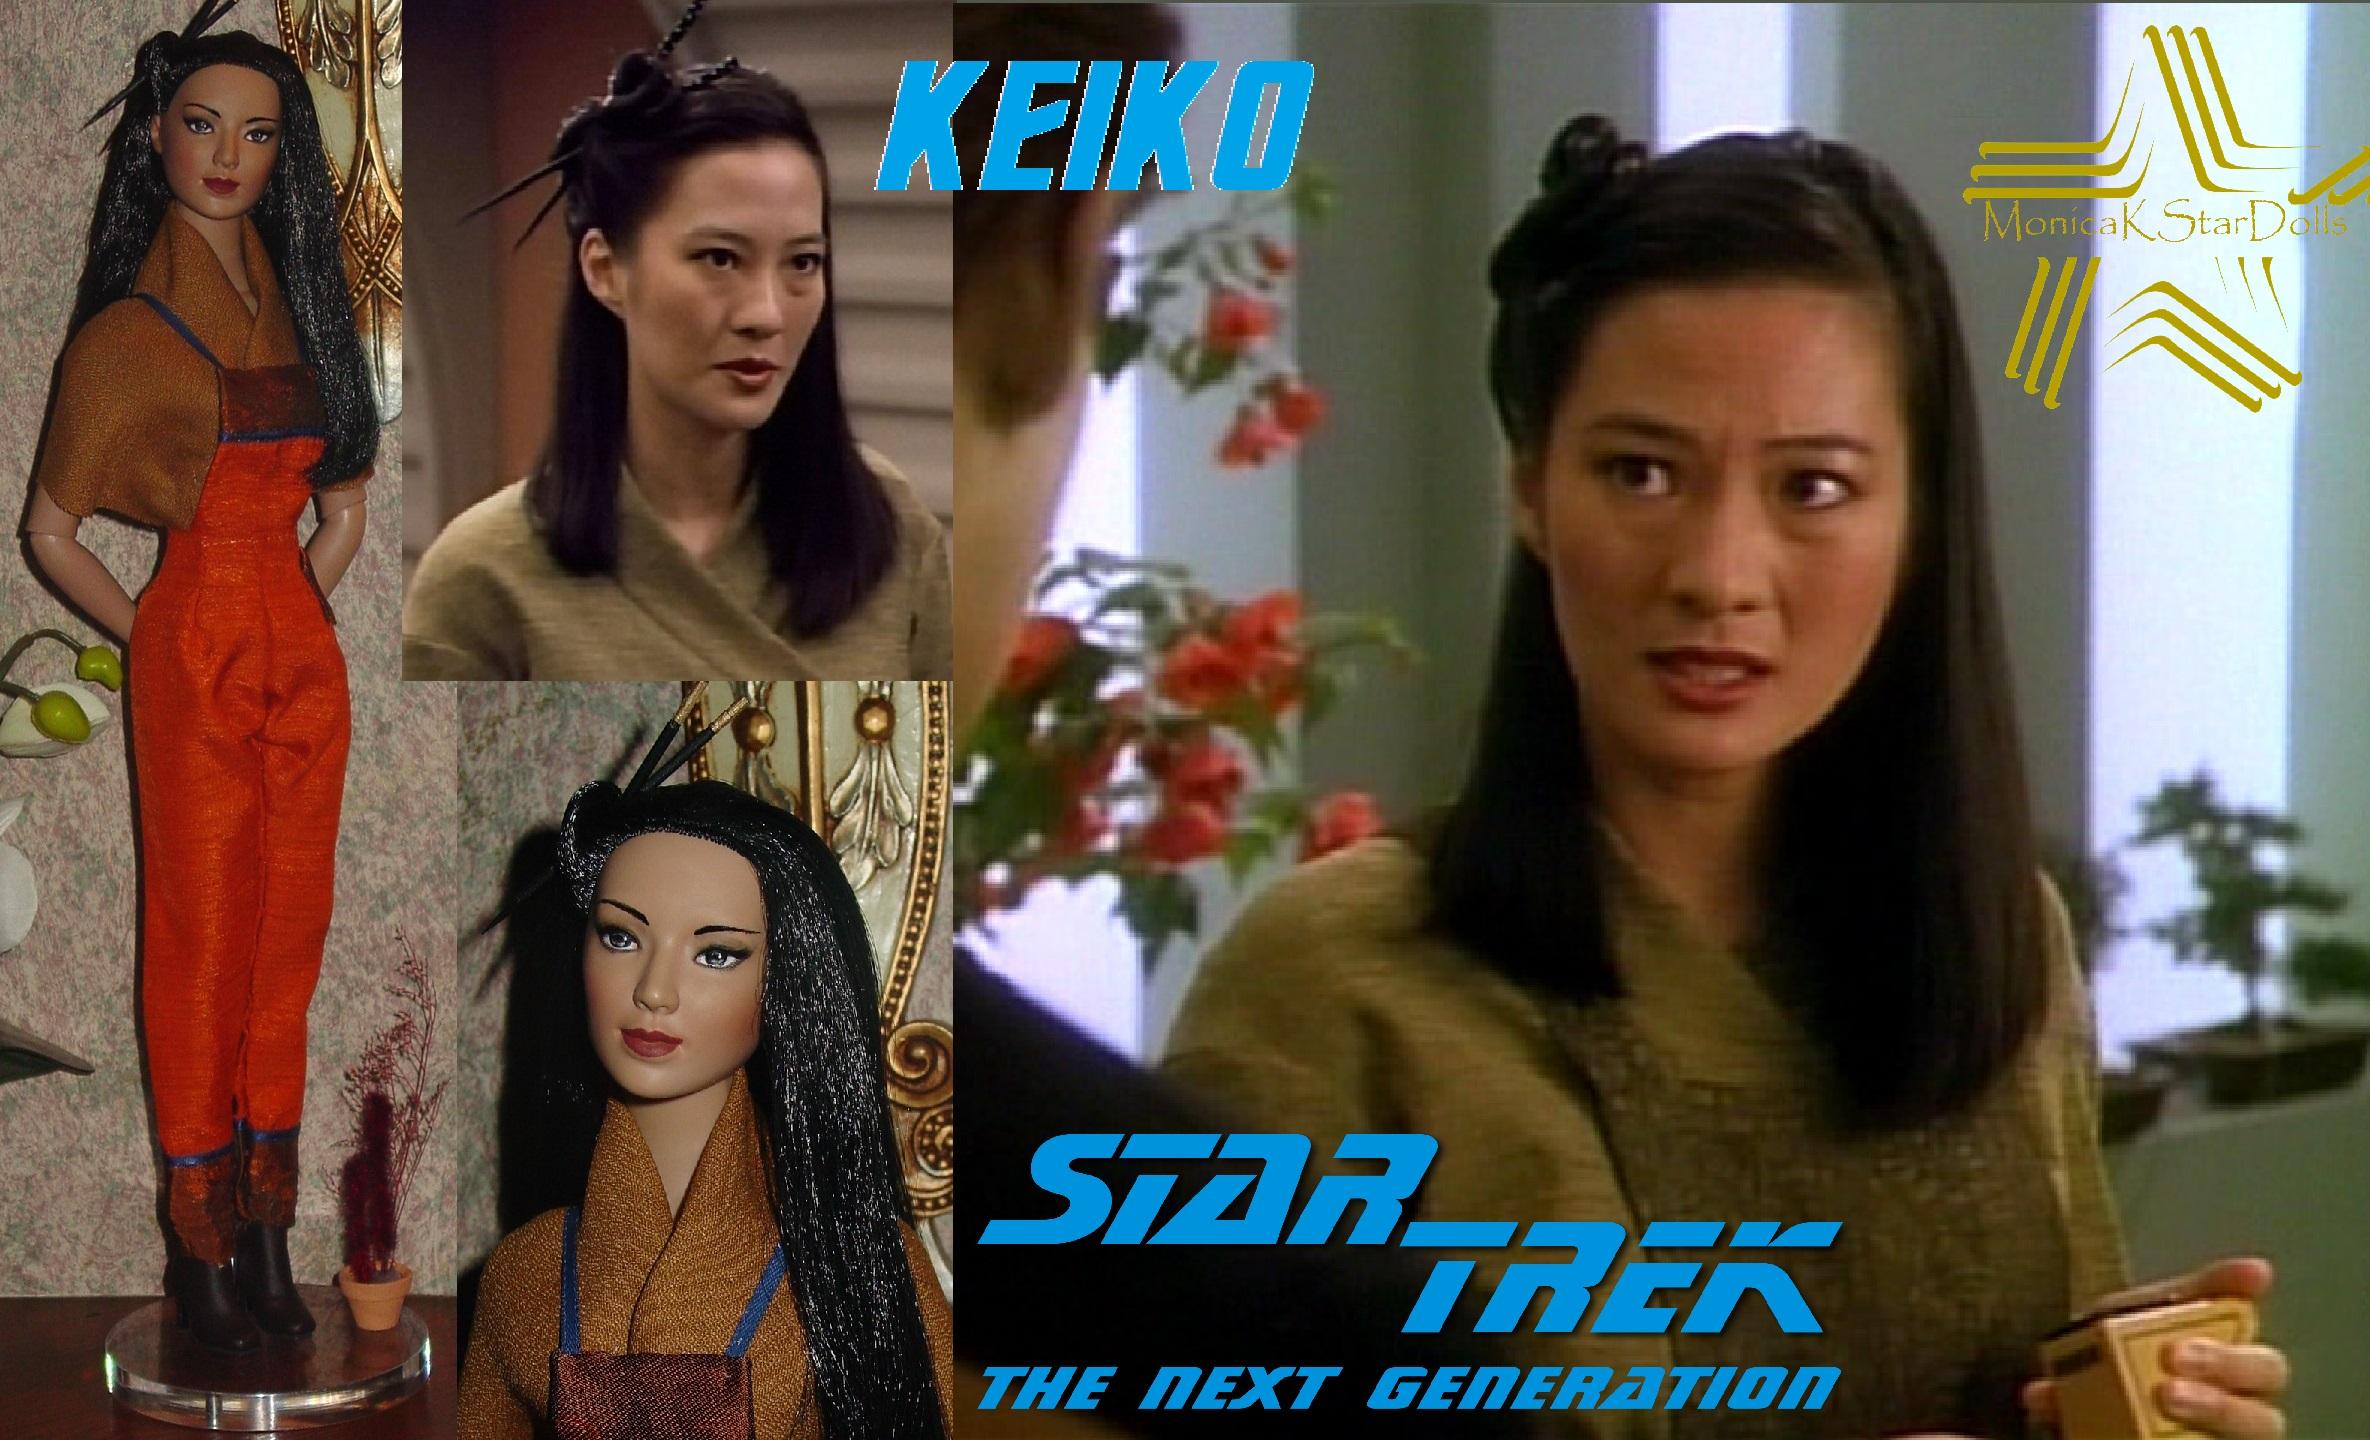 Keiko OBrien